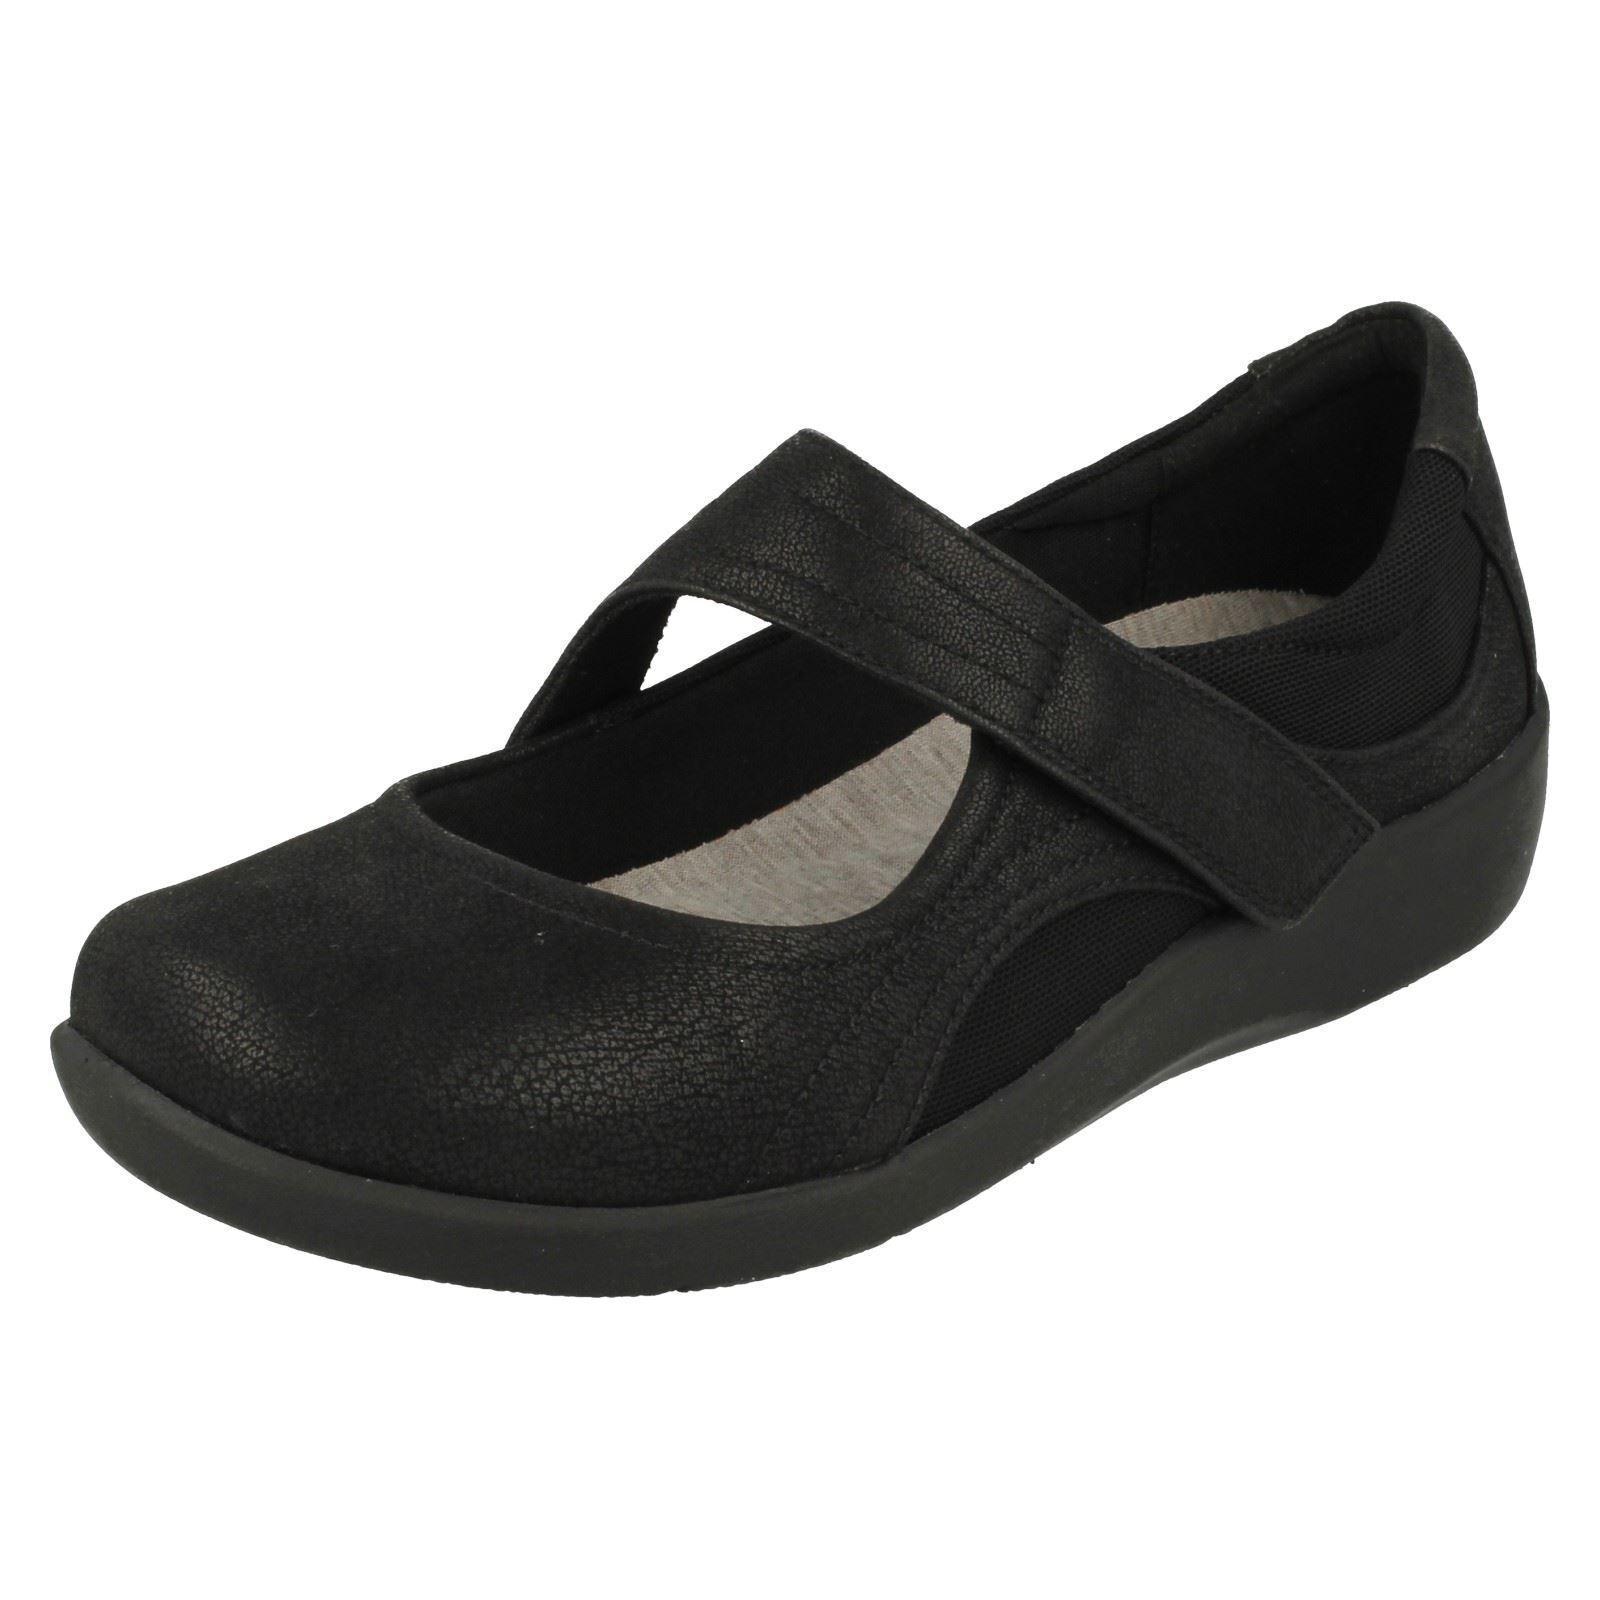 Clarks Zapatos Zapatos Zapatos de Mujer ' Sillian Bella '  ventas directas de fábrica